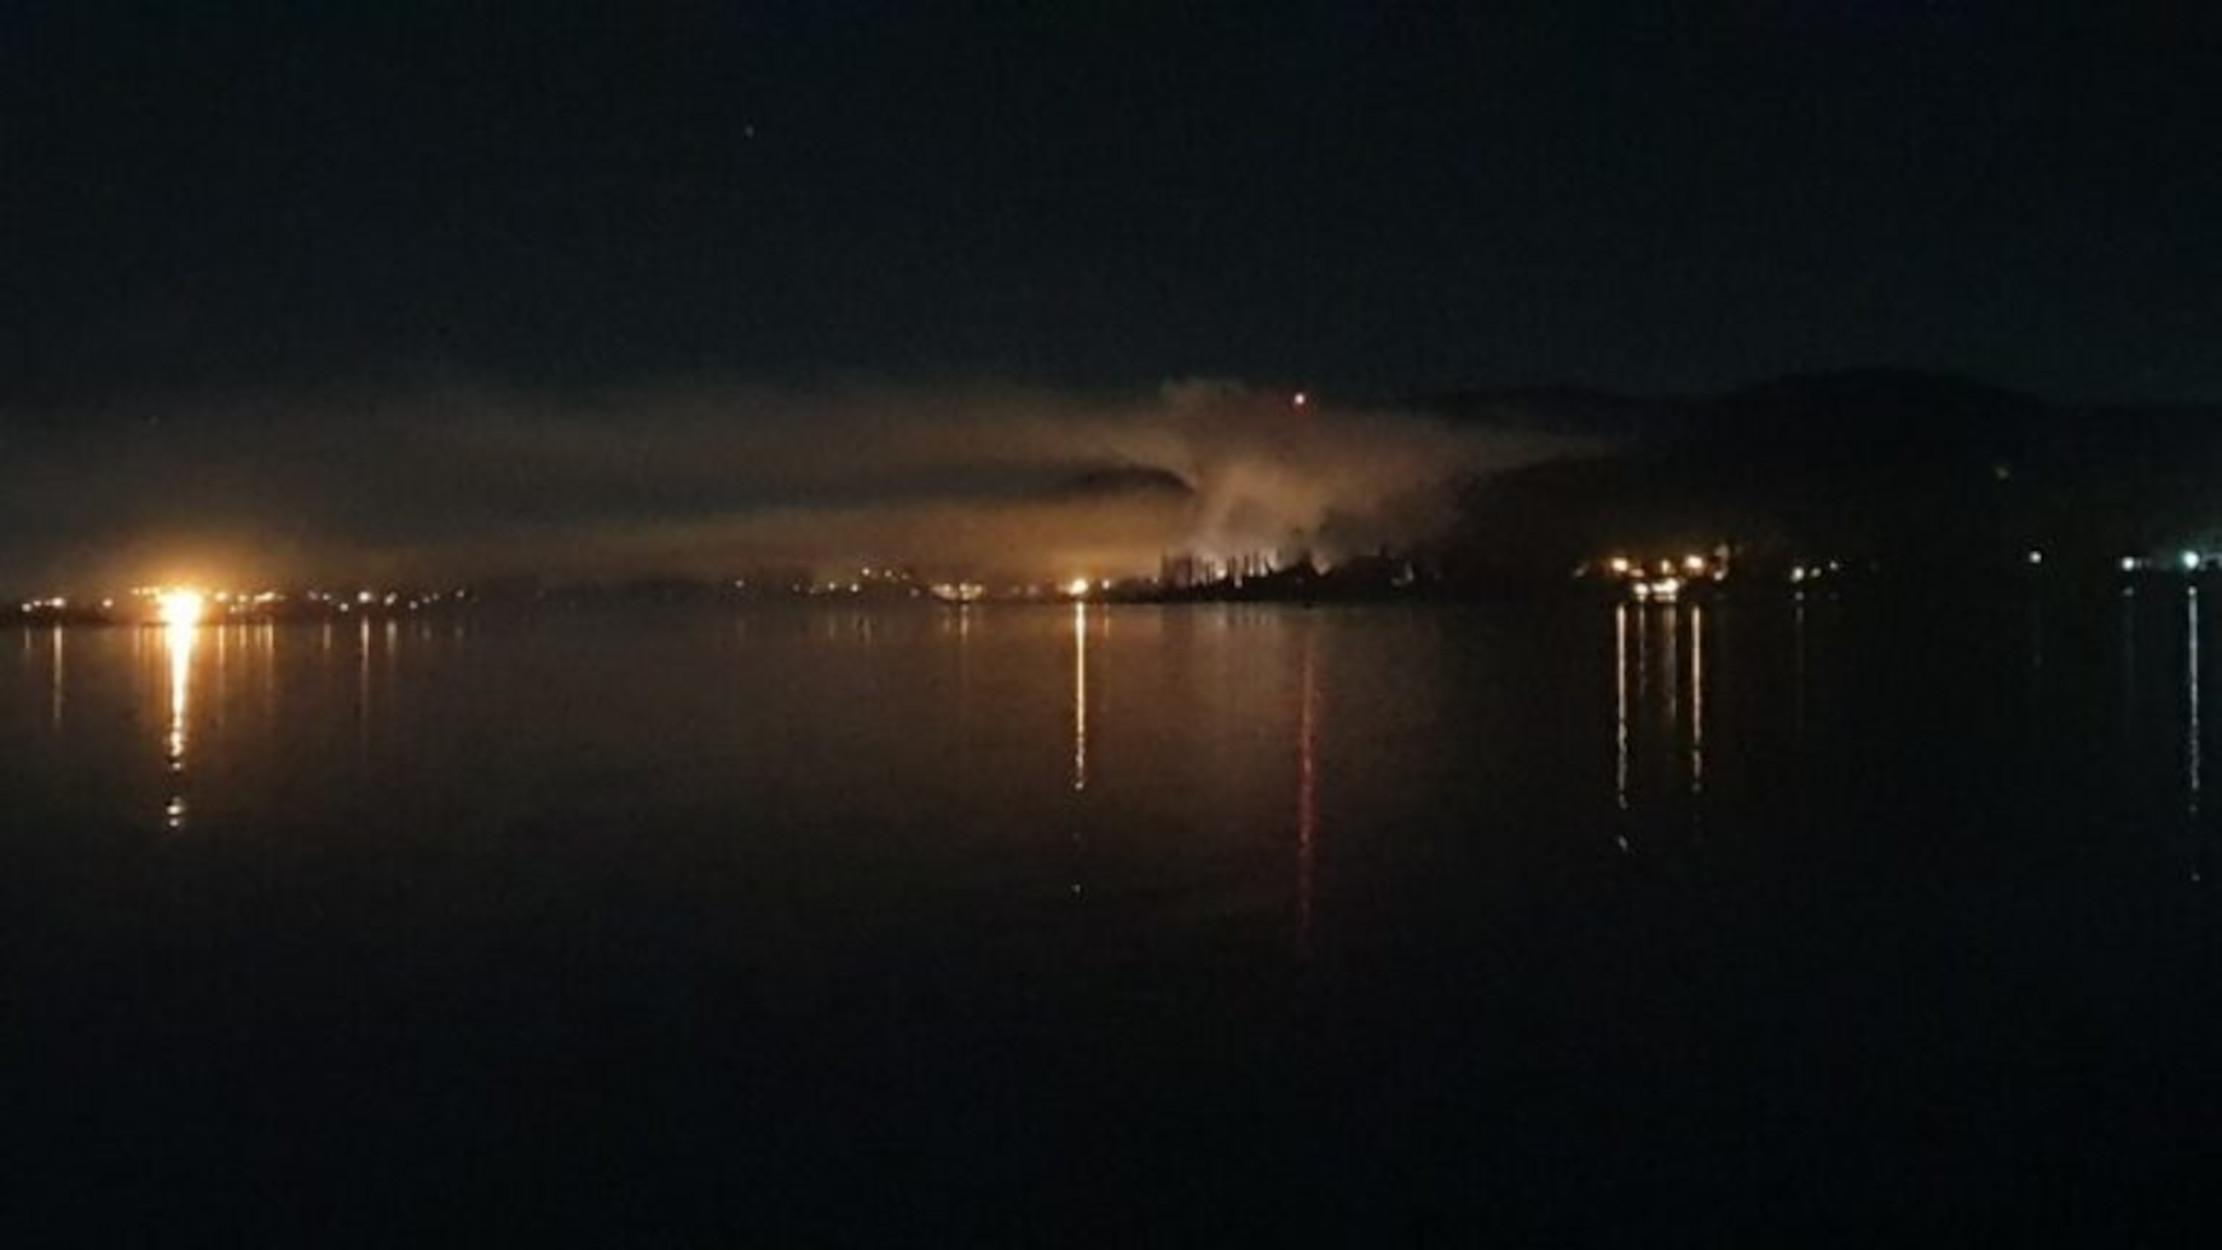 Η στιγμή που η σκόνη από την έκρηξη σκεπάζει την Καστοριά – Δείτε το ξενοδοχείο πριν την ισοπέδωση (pics)